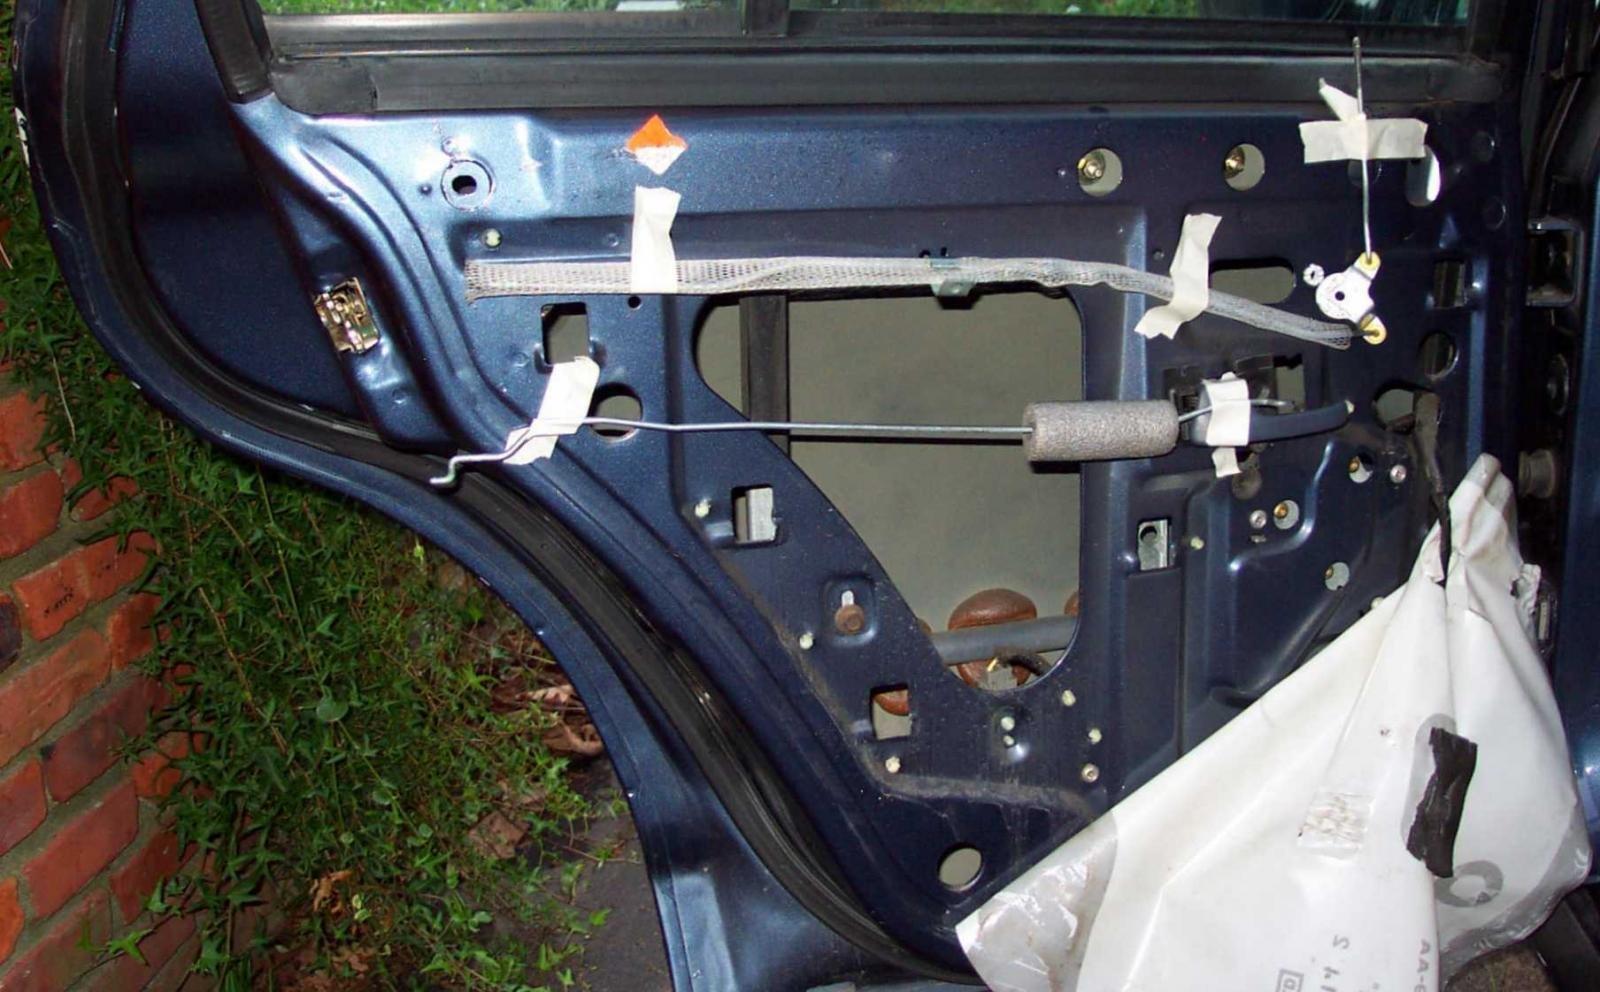 Hình ảnh cơ chế khóa của cửa xe ô tô.